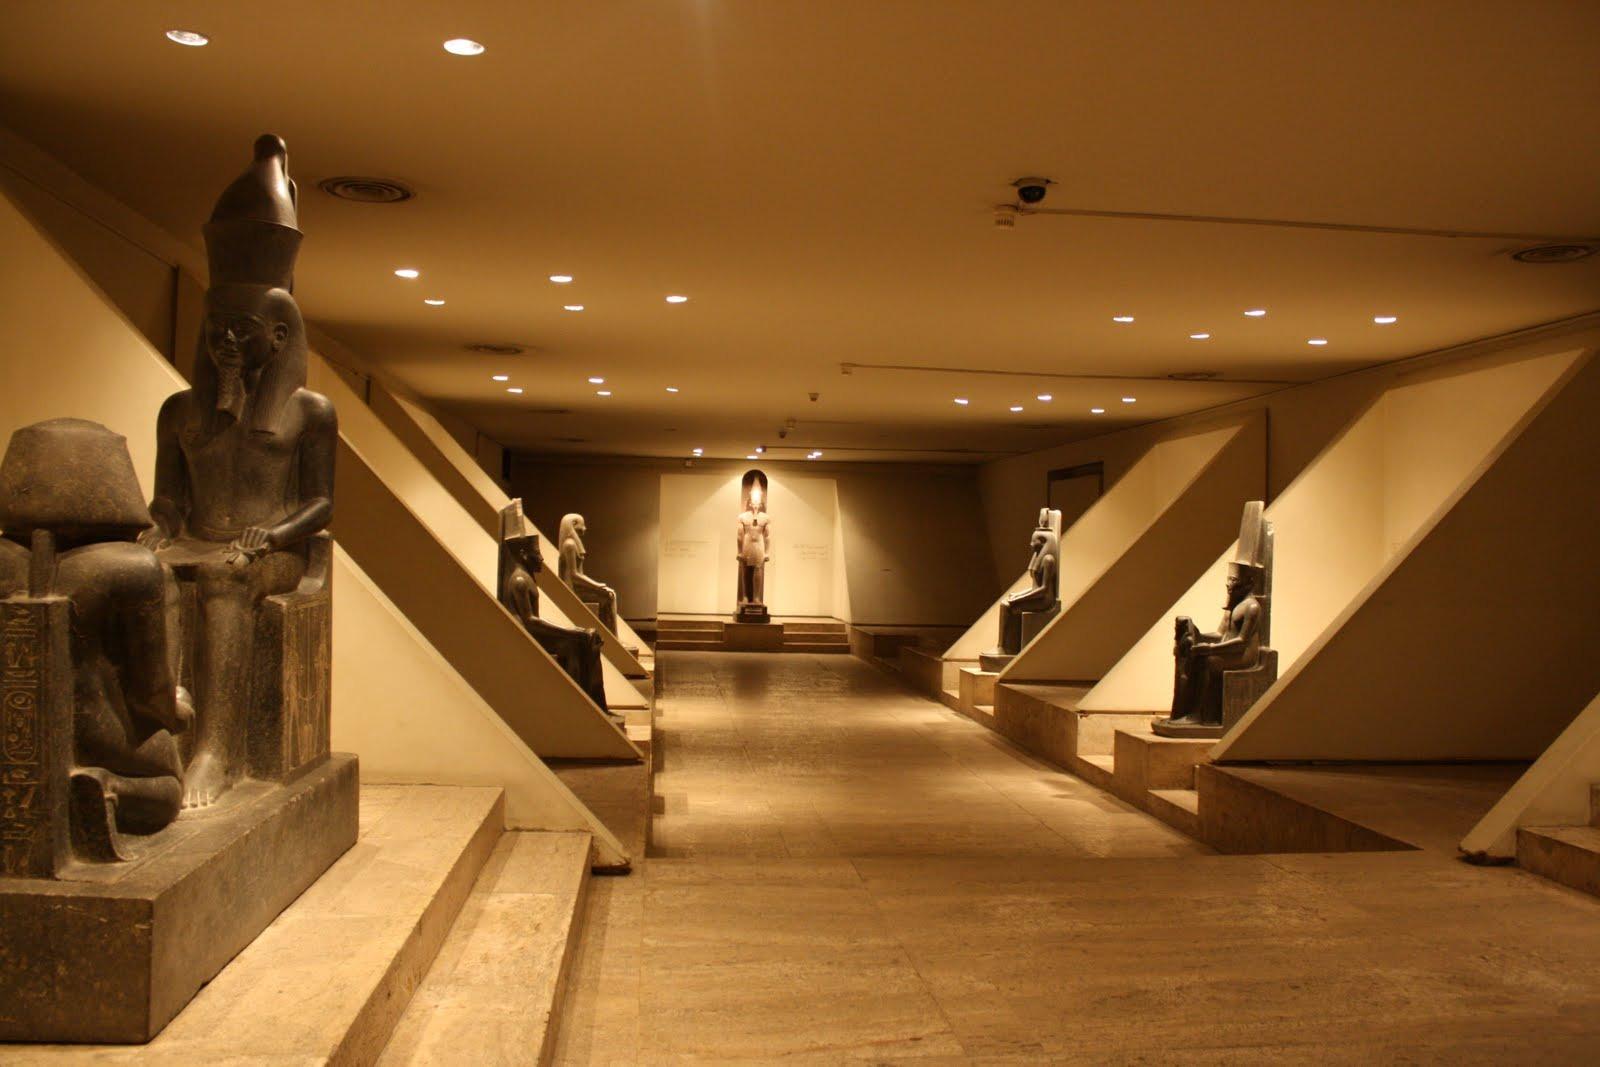 متحف الأقصر.. يغريك بالدخول إلى عالم الآثار النادرة والخفية للفراعنة